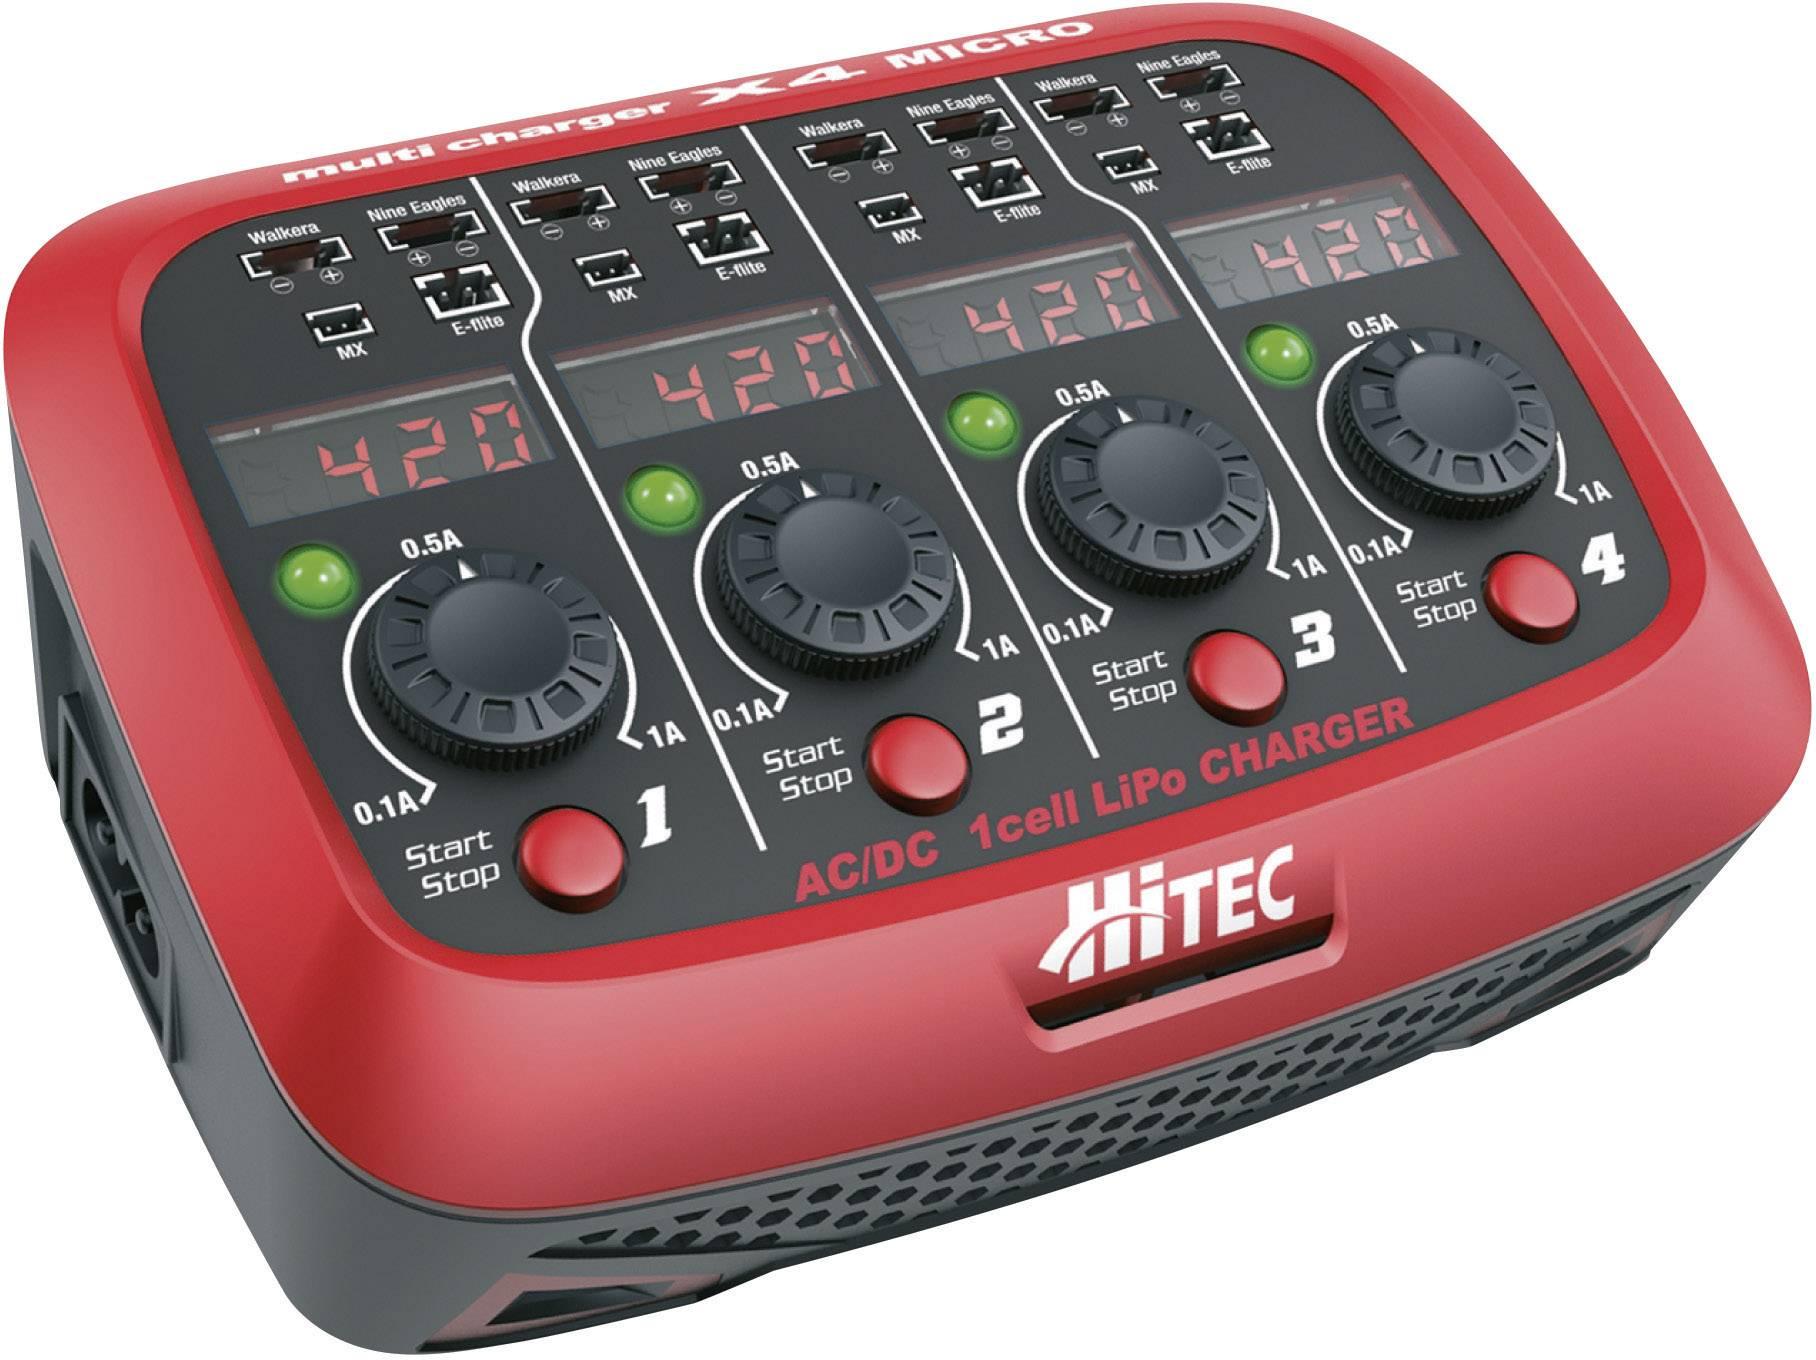 Modelářská nabíječka Hitec X4 Micro 114123, 110 V, 220 V, 1 A